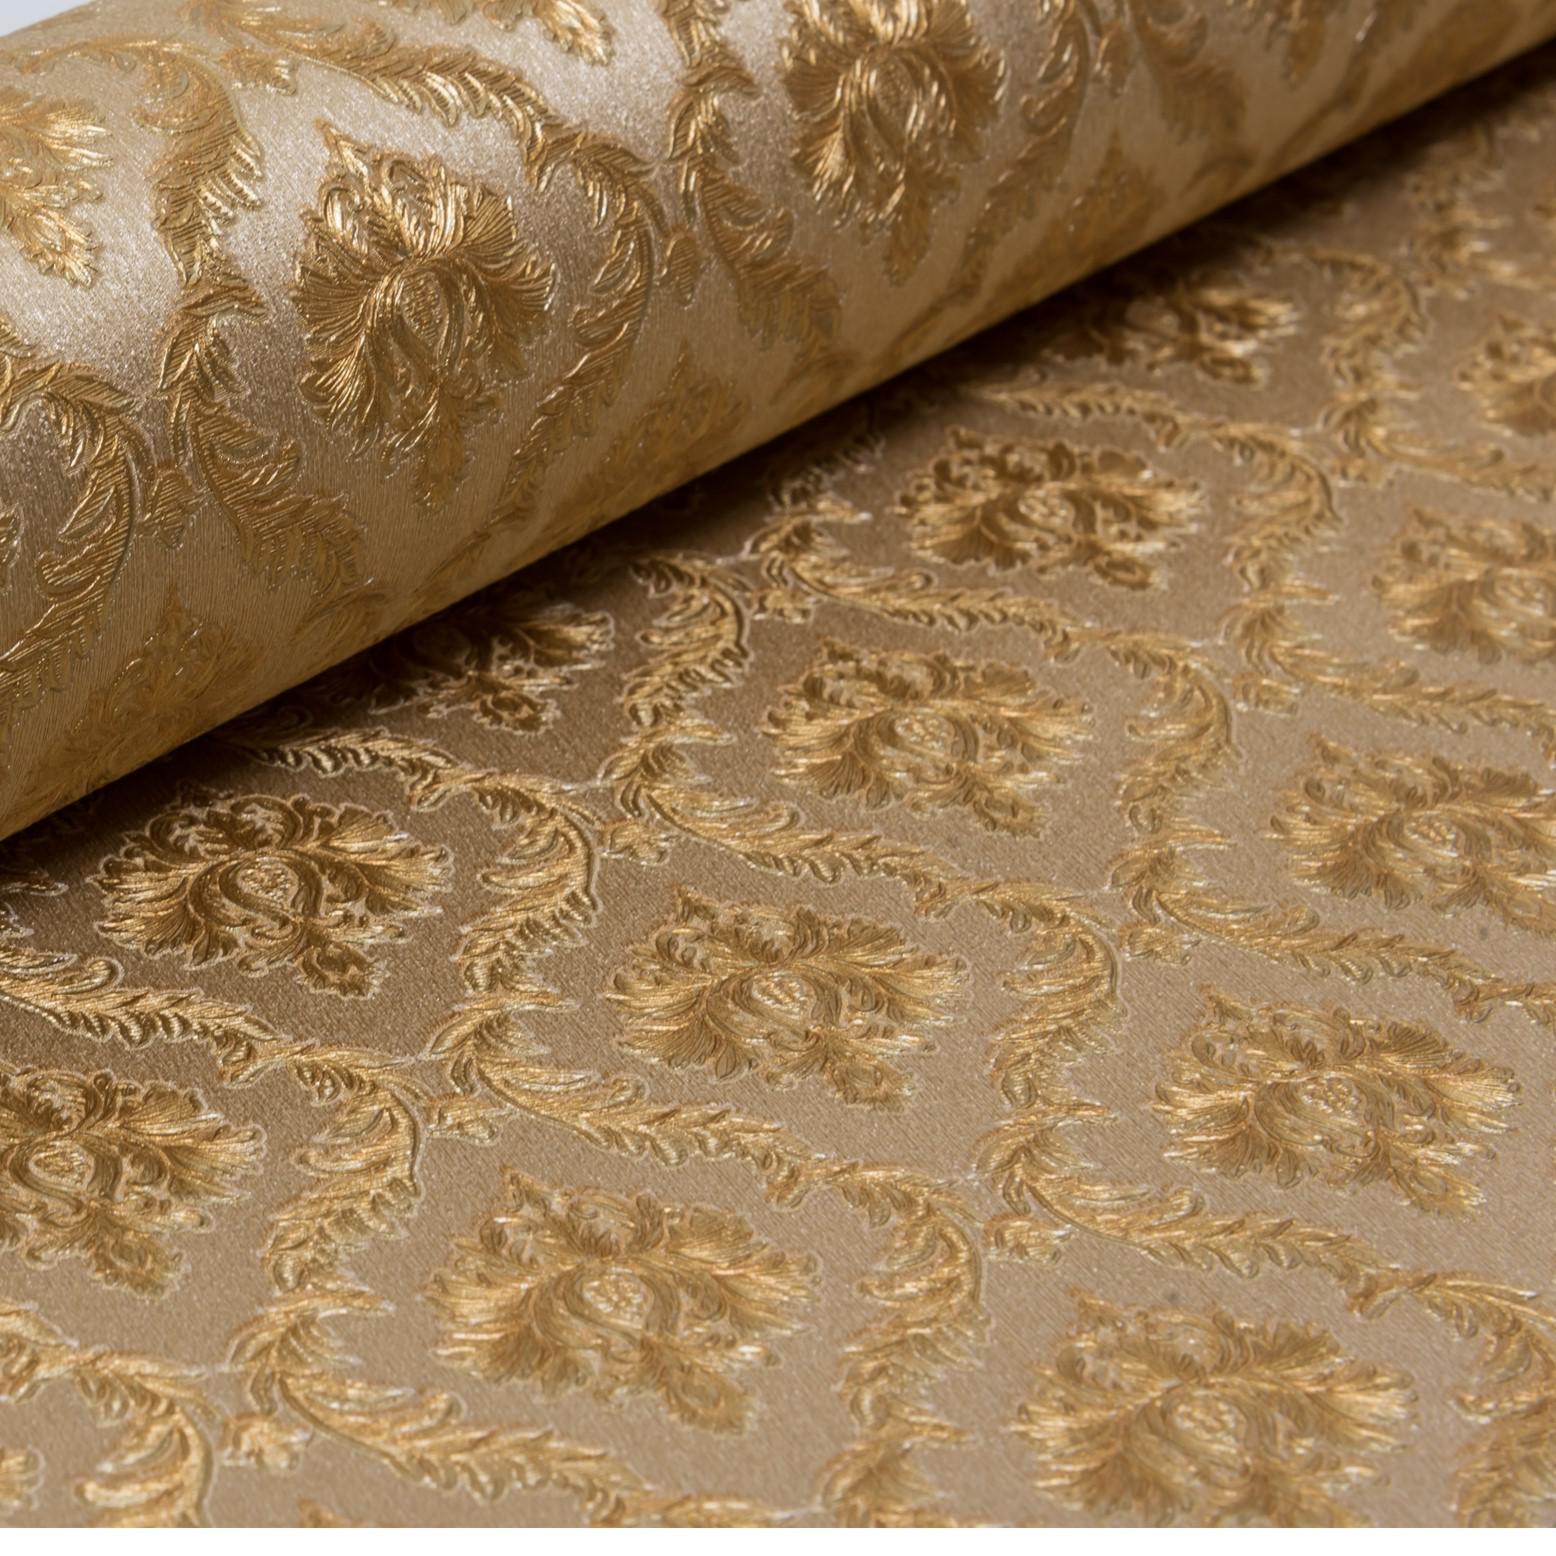 Papel de Parede Paris Decor Vinílico Coleção Colmar Mini Damask Marrom, Dourado